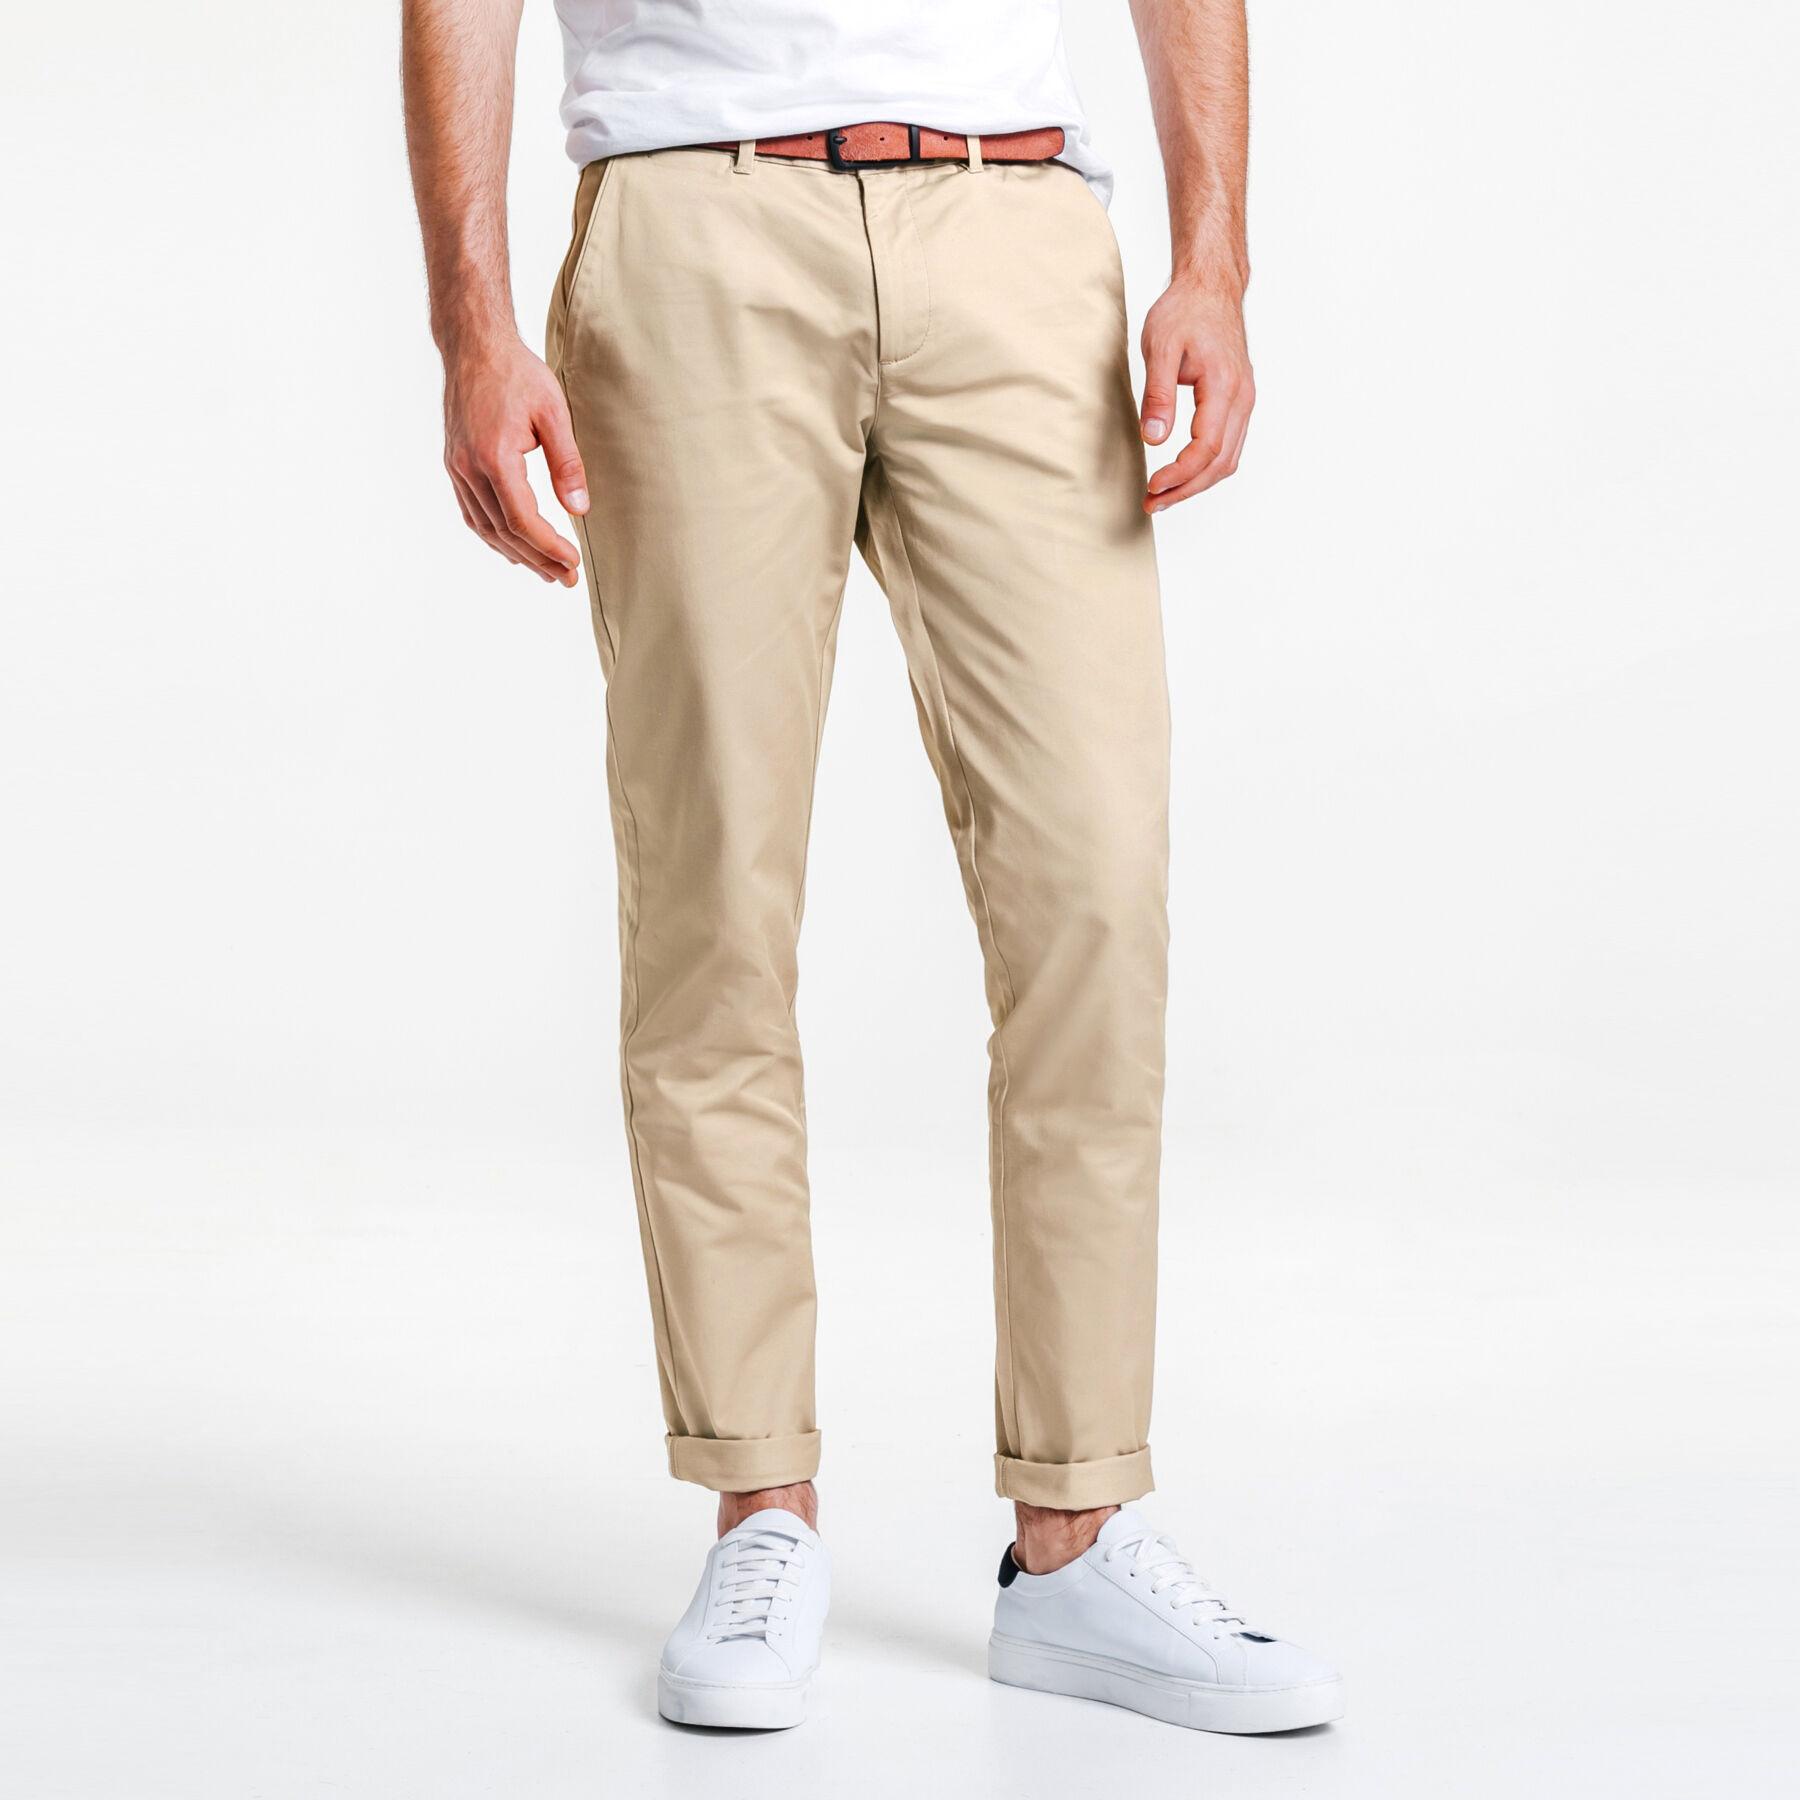 Jeans homme couleur rouille